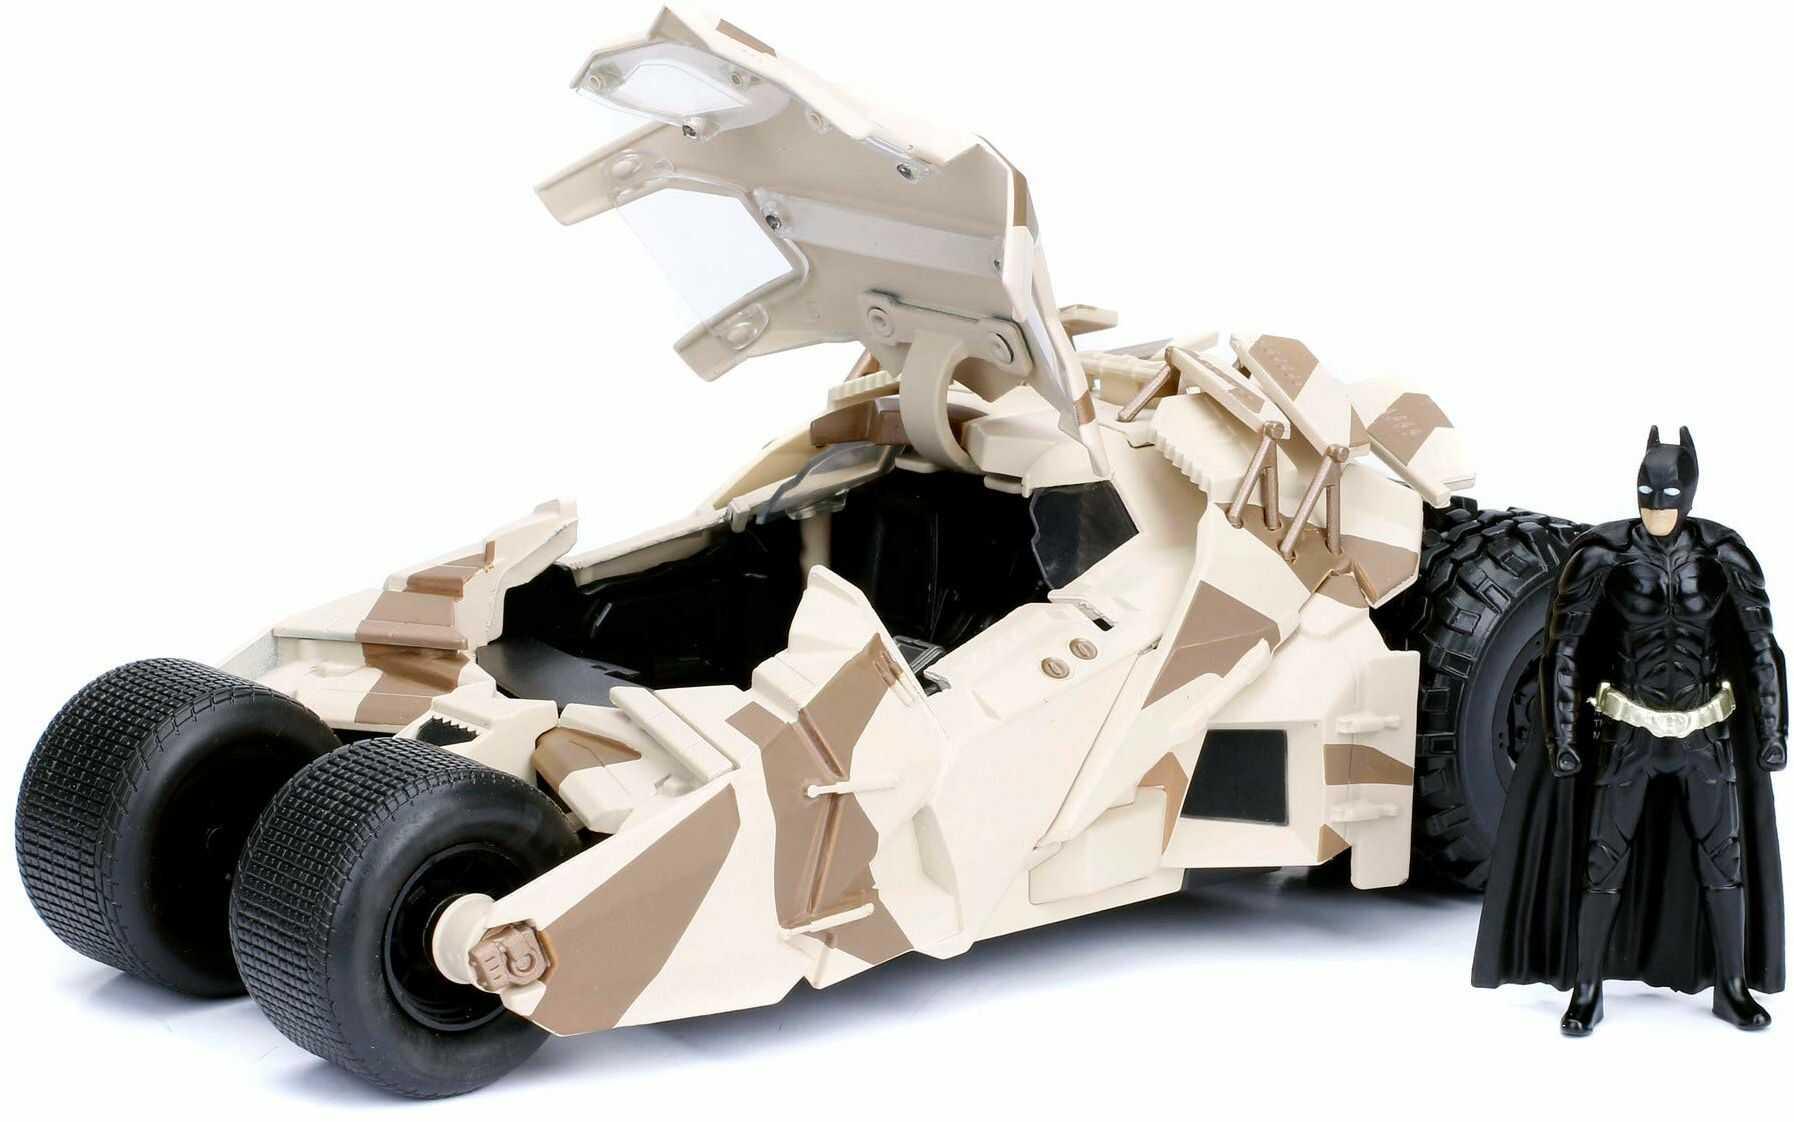 Jada Toys 253215006 Tumbler Batmobil Camo, zabawkowy samochód, model samochodu, Die-cast, drzwi do otwierania, wraz z figurką Batmana, skala 1:24, kolory maskujące, czarny